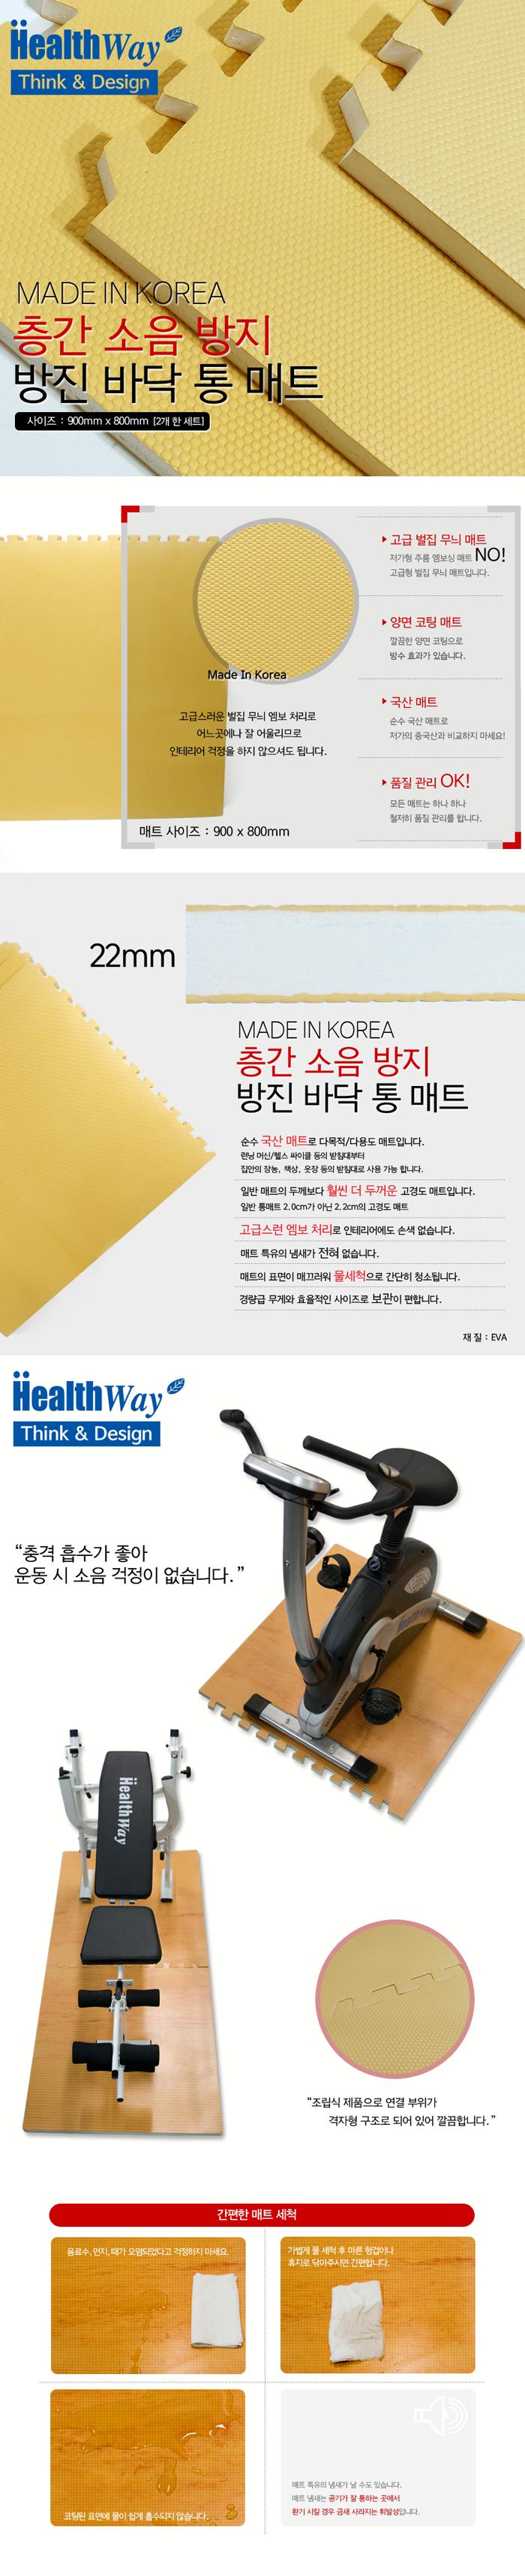 런닝머신스포츠매트 런닝머신매트 - 아이언바디, 33,000원, 운동기구/소품, 운동기구